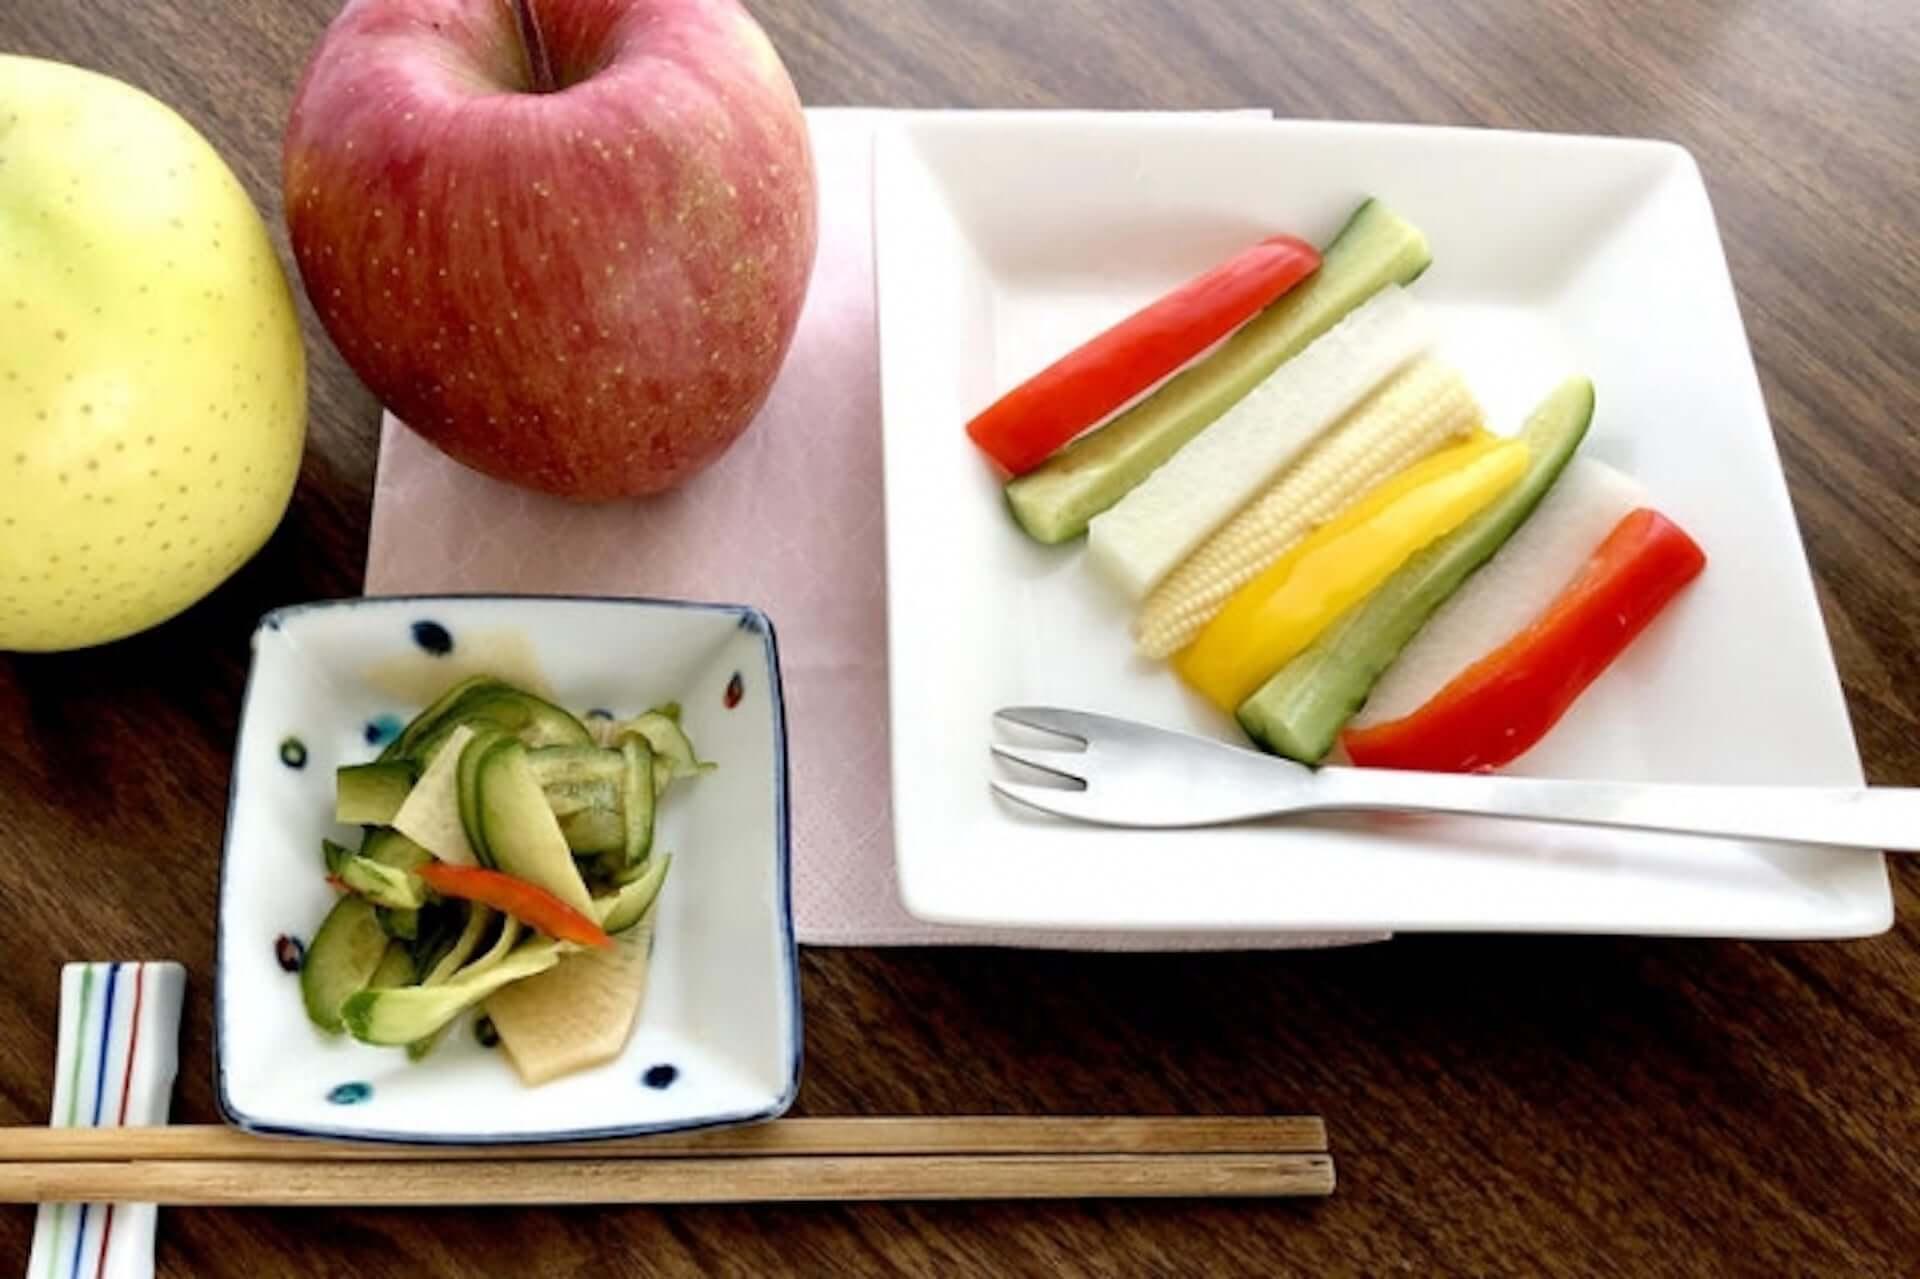 100%りんごジュースで作る超簡単&写真映えレシピ3選|Instagramでも話題沸騰中の「#おうちカフェ」を贅沢に gourmet200514_ouchi_cafe_1-1920x1279